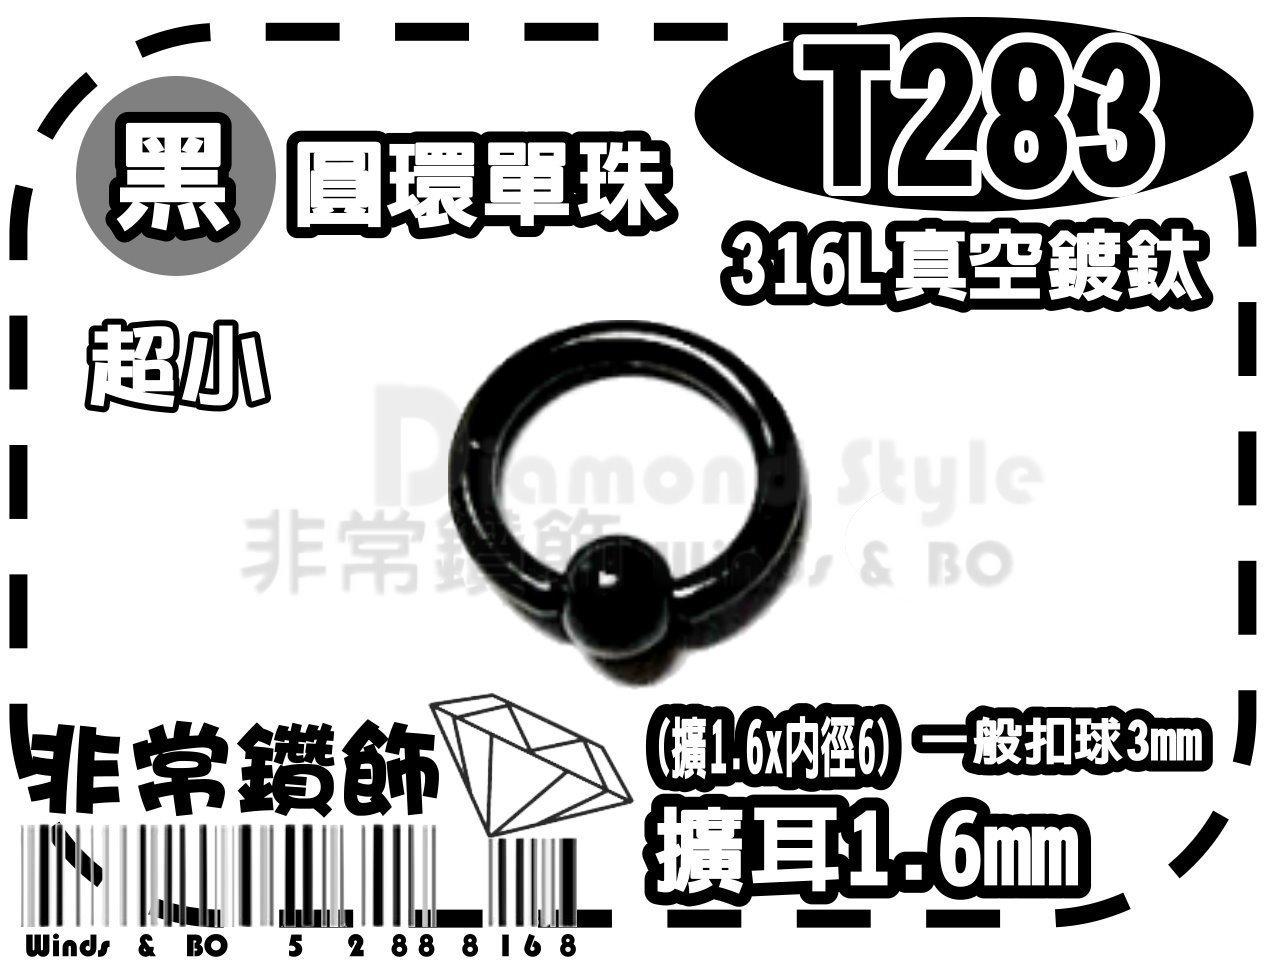 ~非常好鑽~ T283-(擴洞1.2x內徑6)鈦鋼圓環單珠3mm真空鍍鈦-黑色-耳骨 微擴耳環